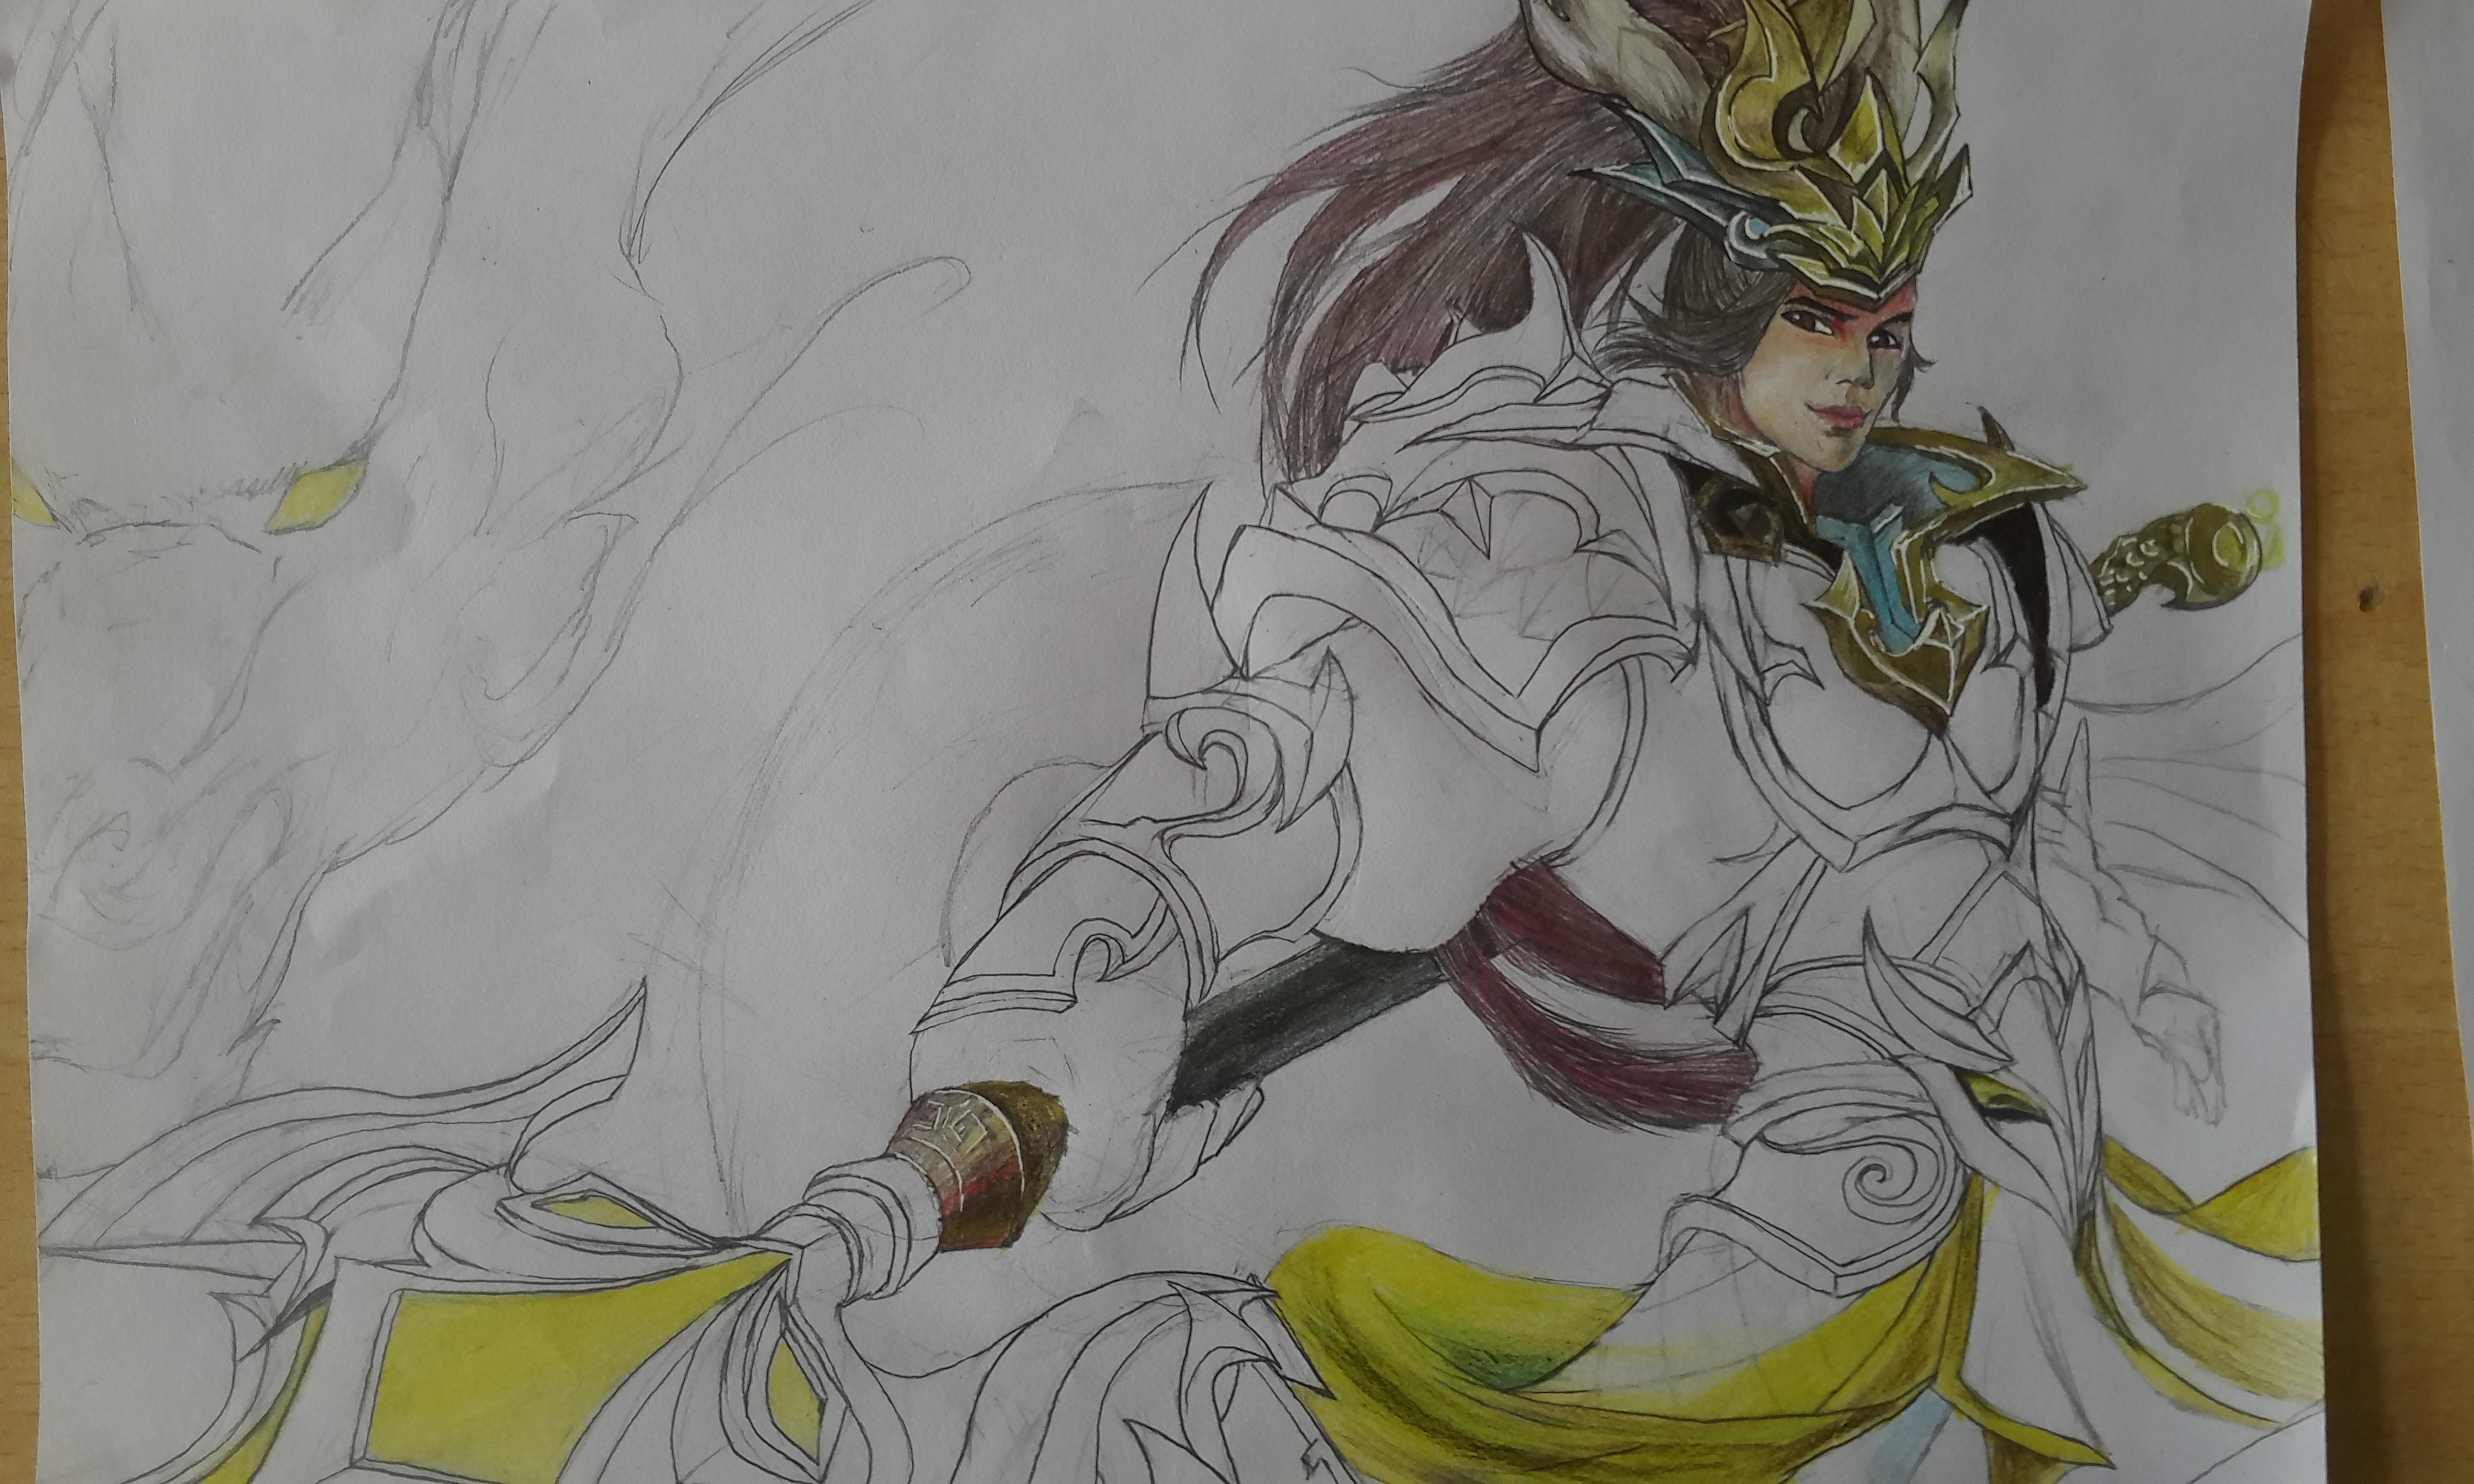 王者荣耀英雄手绘|插画|插画习作|1146698156 - 原创